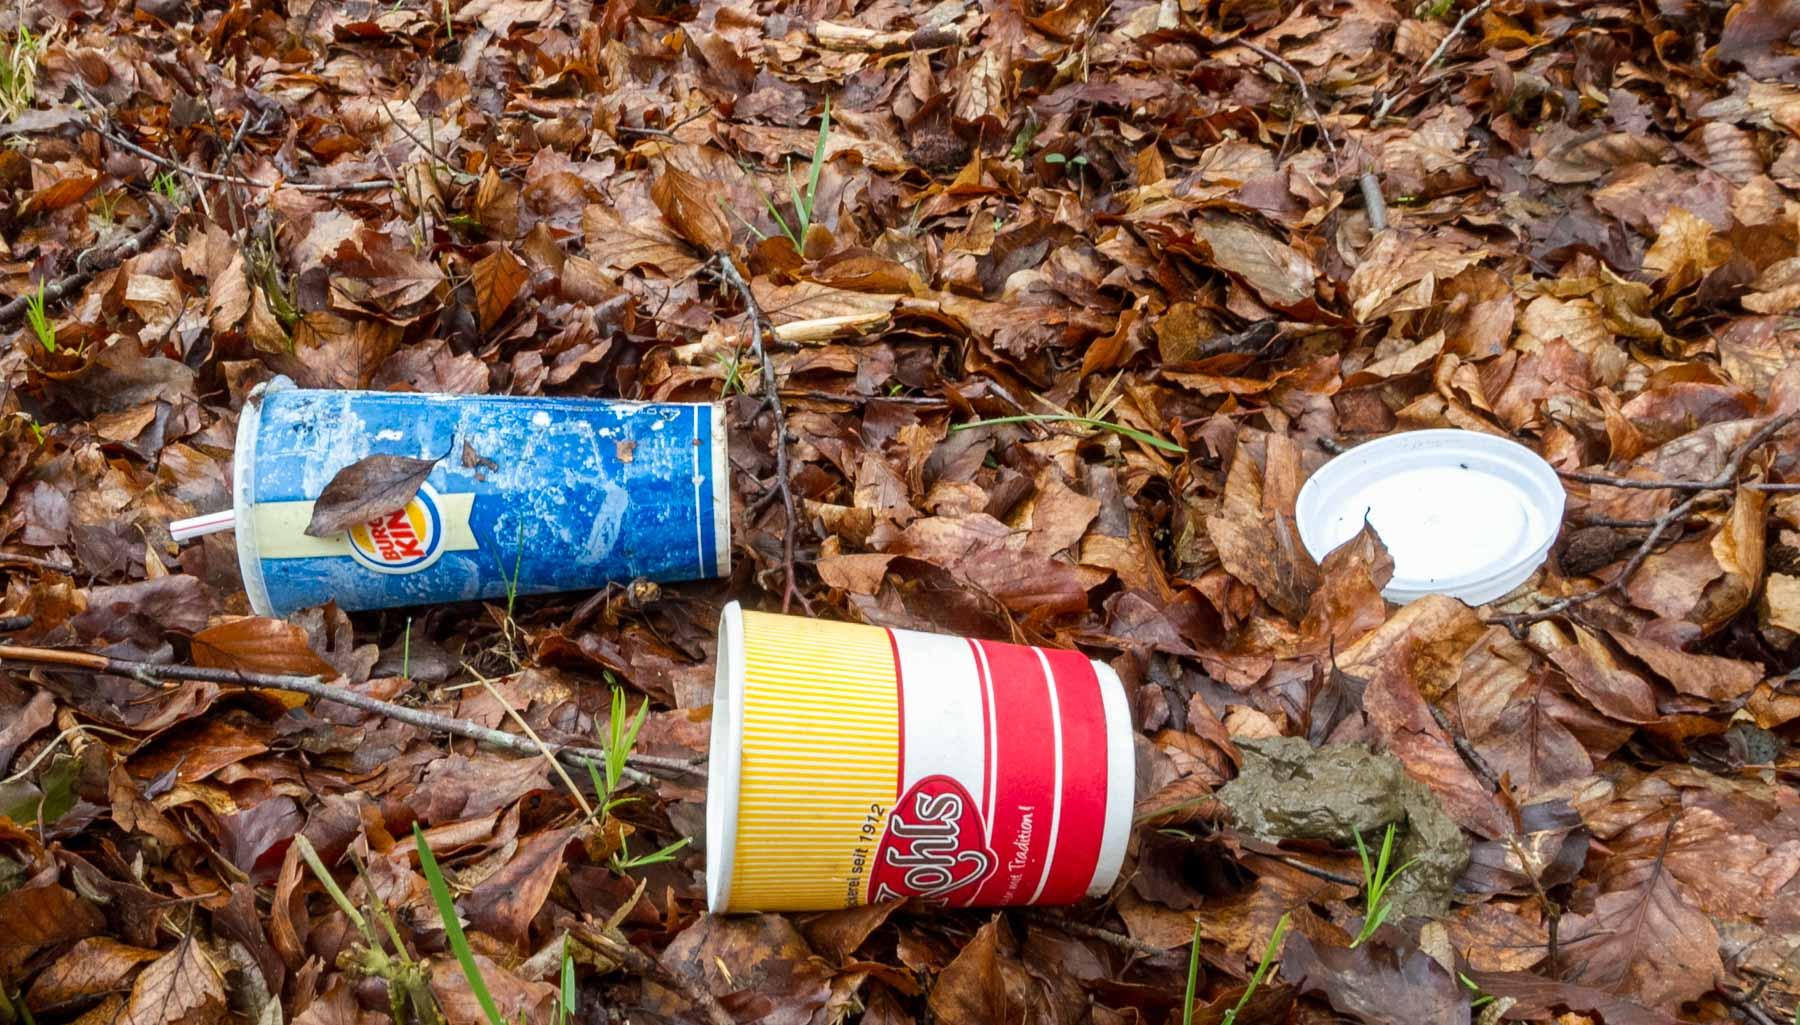 Hausmüllentsorgung in freier Wildbahn ist nicht nur in Bönebüttel ein Ärgernis. Neben der Müllbeseitigung standen in der Gemeinde jetzt auch die Kosten für Kläranlagenreinigungen zur Diskussion